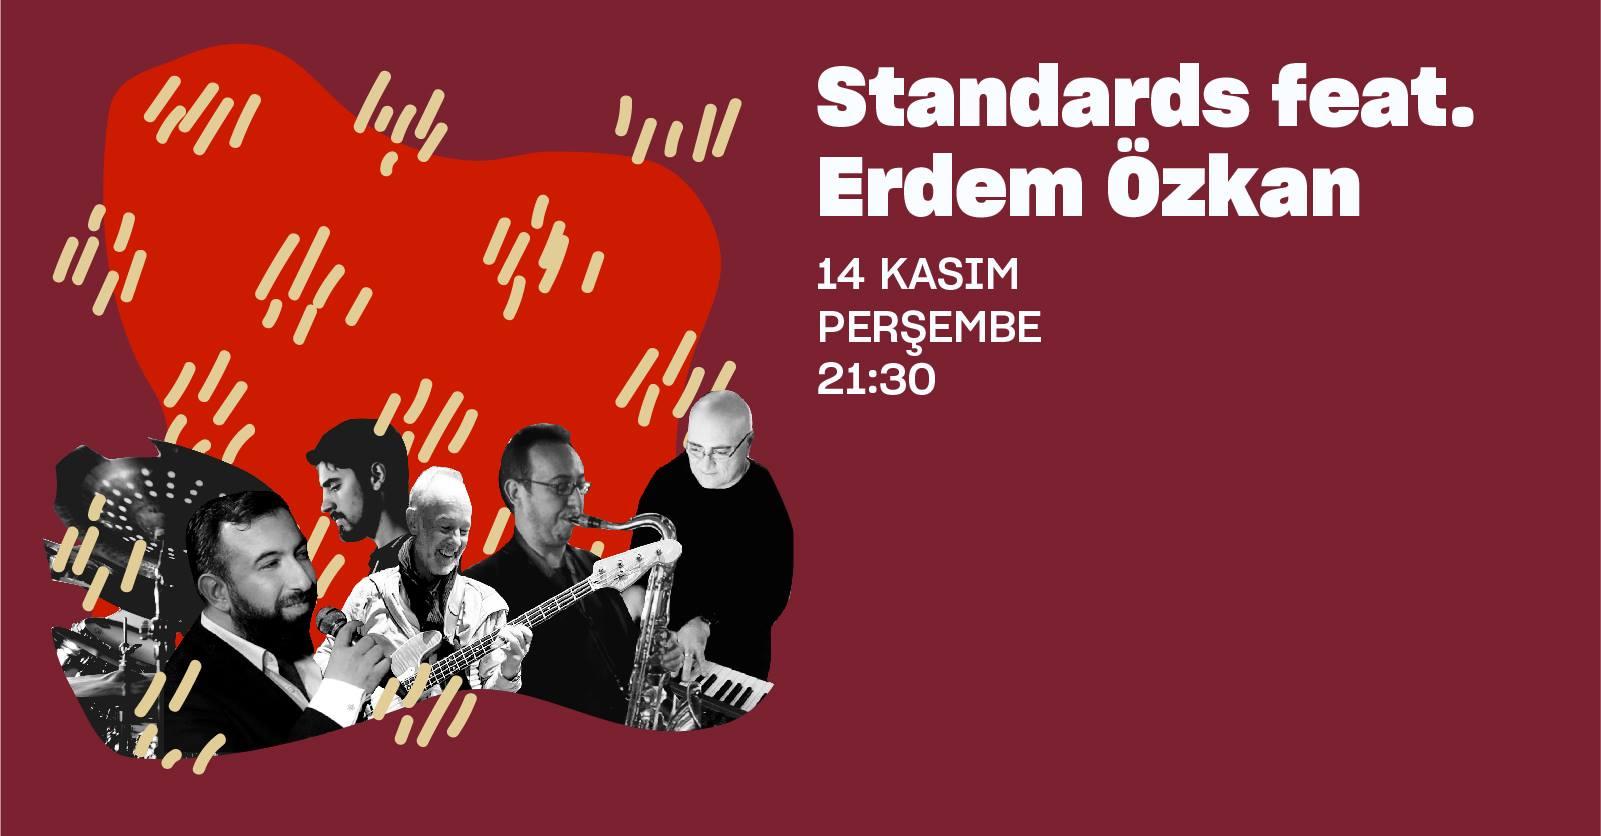 Standards feat. Erdem Özkan